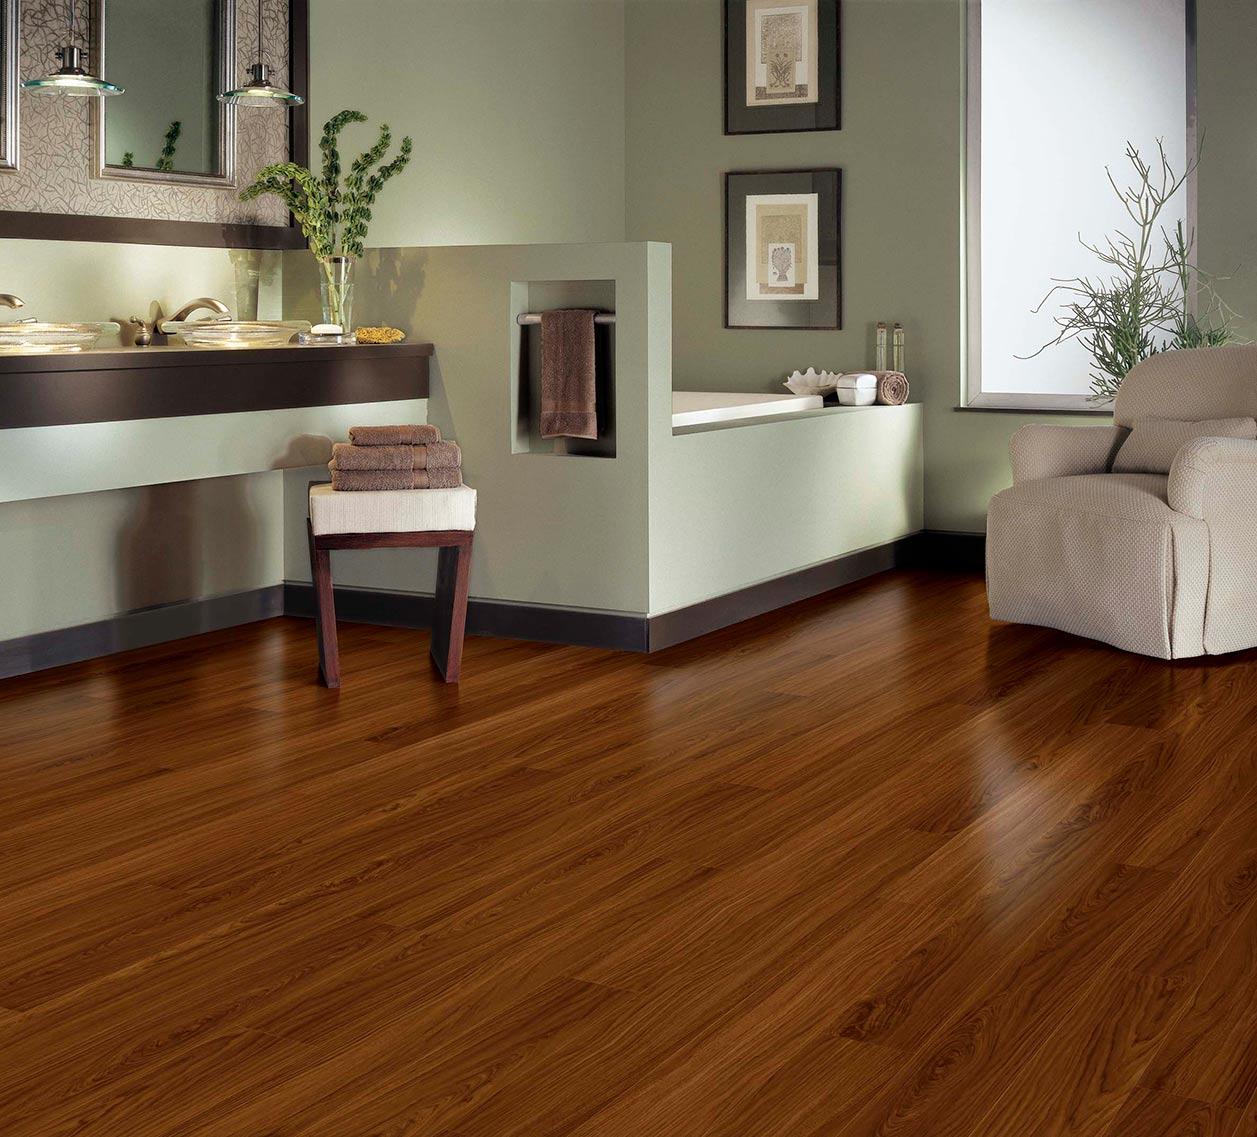 Vinyl flooring | Budget Flooring, Inc.